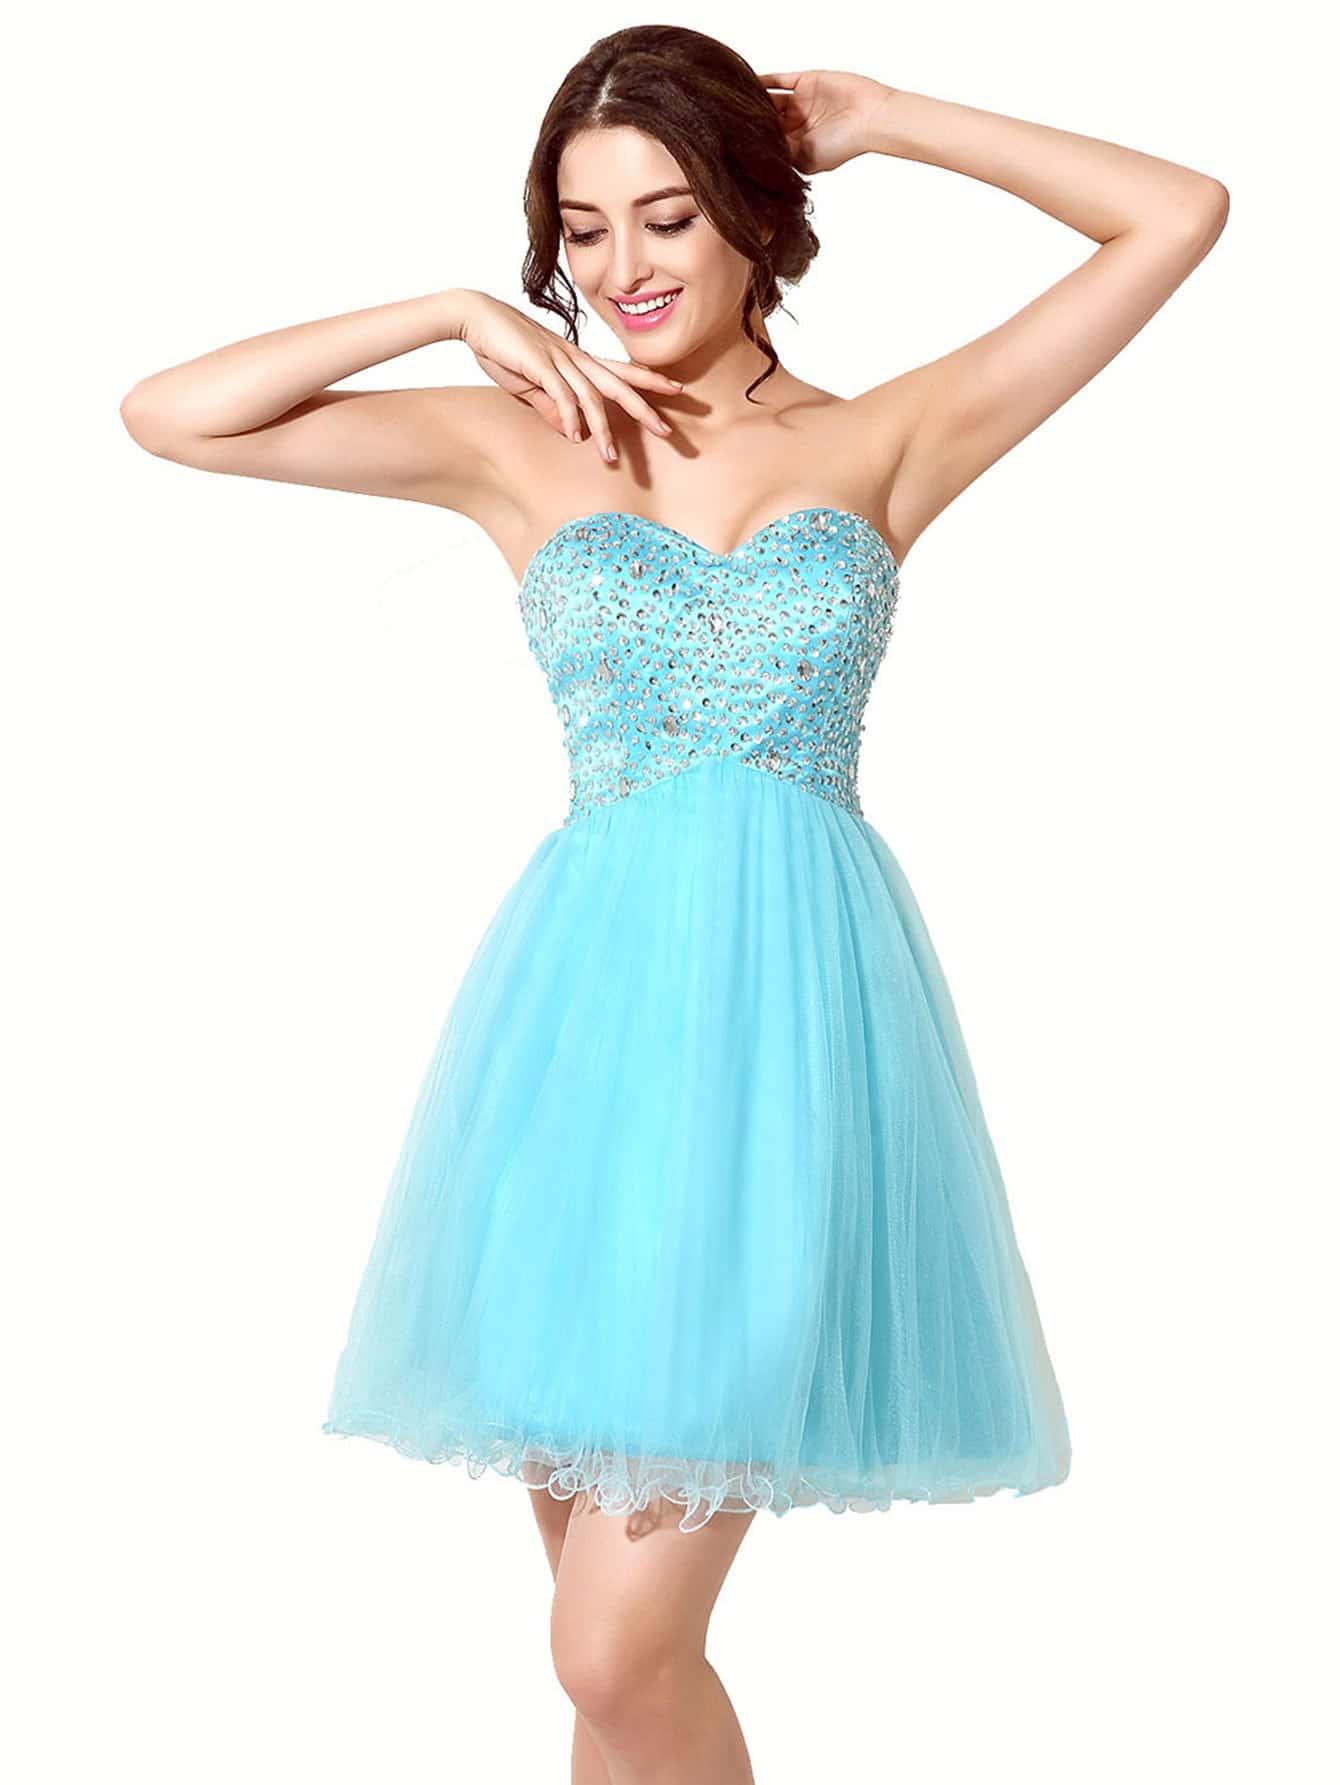 Image of Sky Blue Rhinestone Embellished Sweetheart Bridesmaid Dress